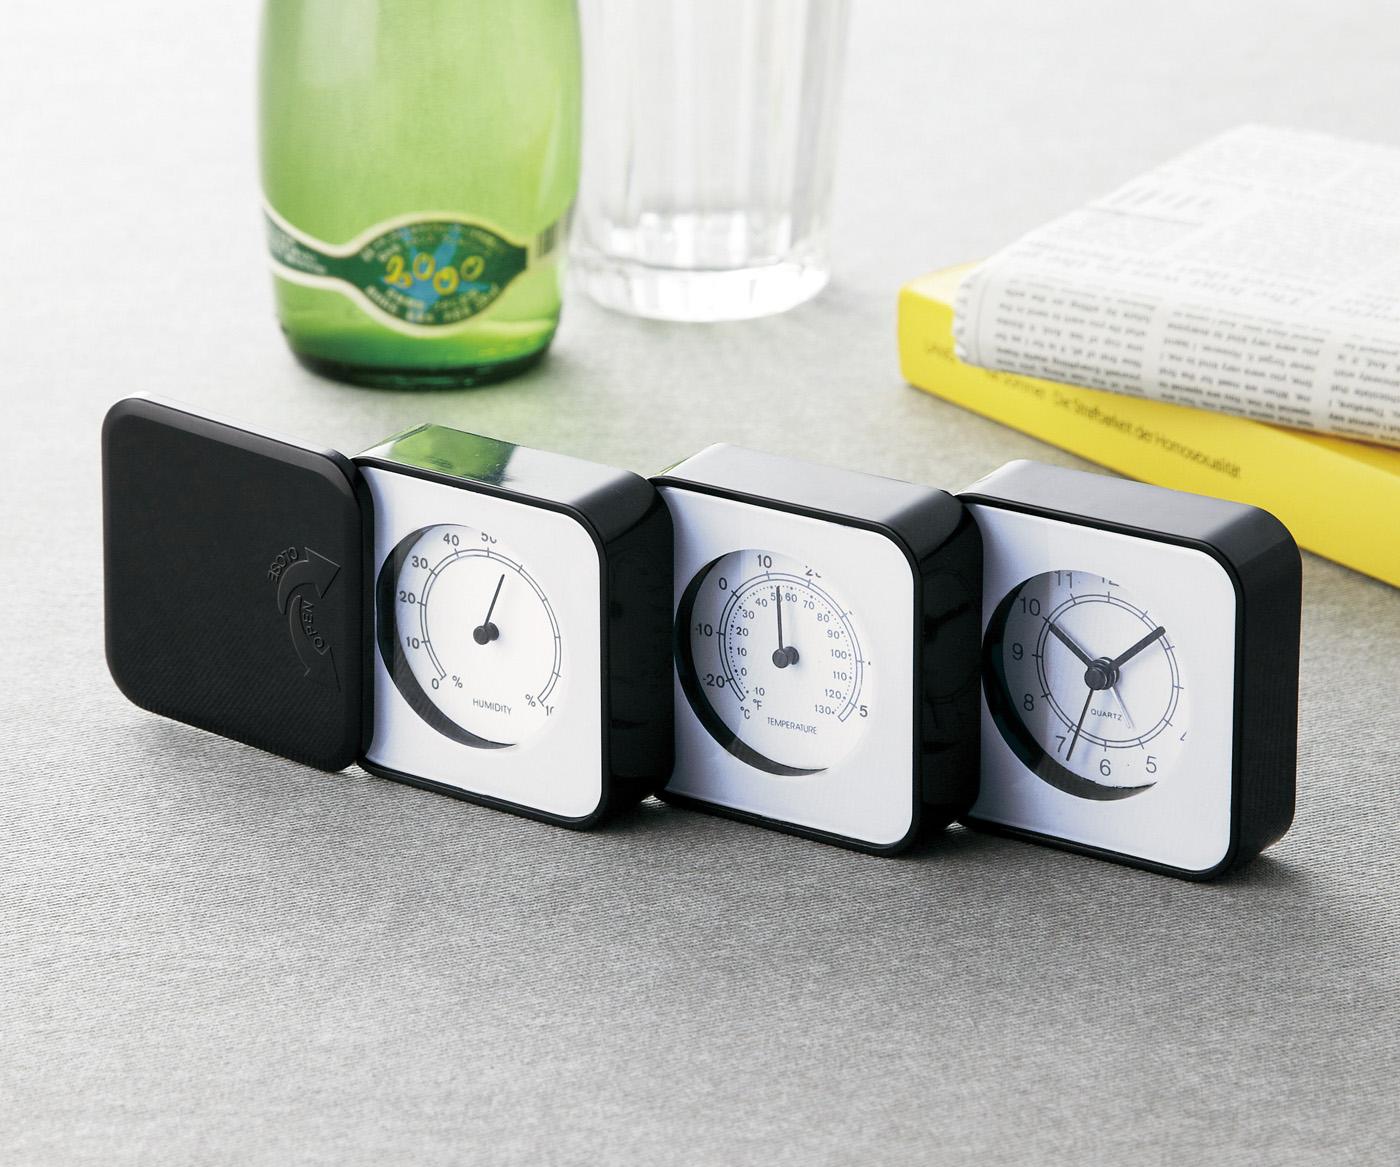 コレひとつで温度、湿度も分かるアラーム付き温湿度時計